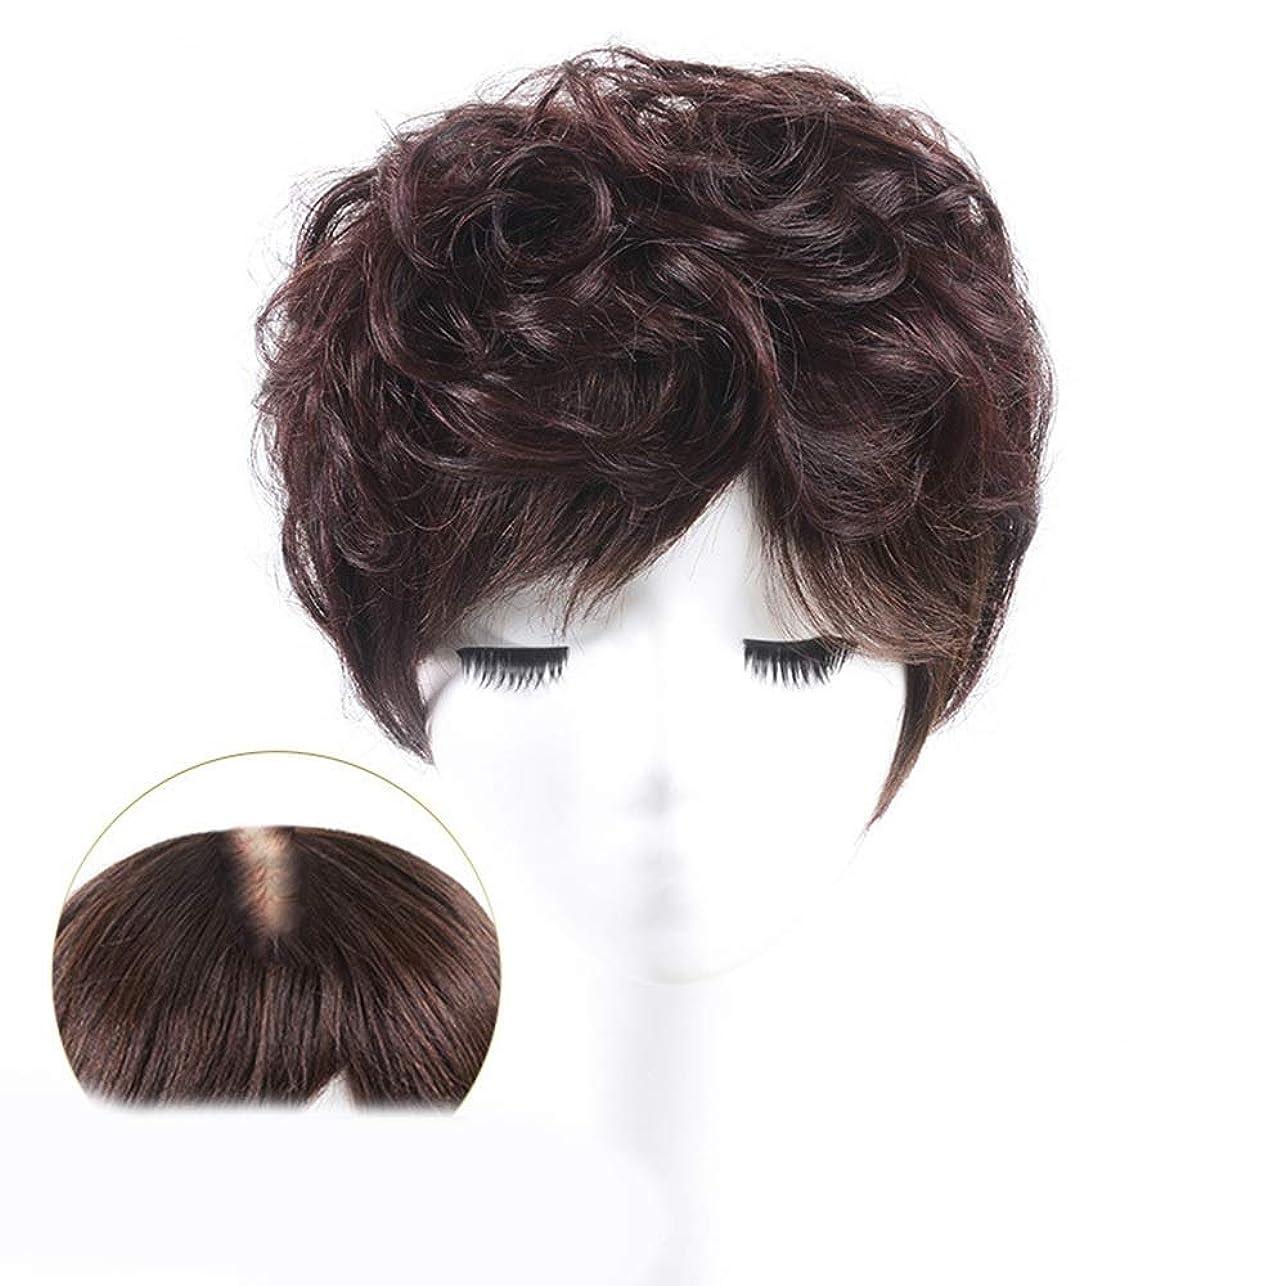 気取らない不足あえてかつら 100%本物の髪天然ふわふわショートカーリーヘアエクステンションカバー白髪ウィッグパーティーかつら (色 : Natural black, サイズ : 25cm)